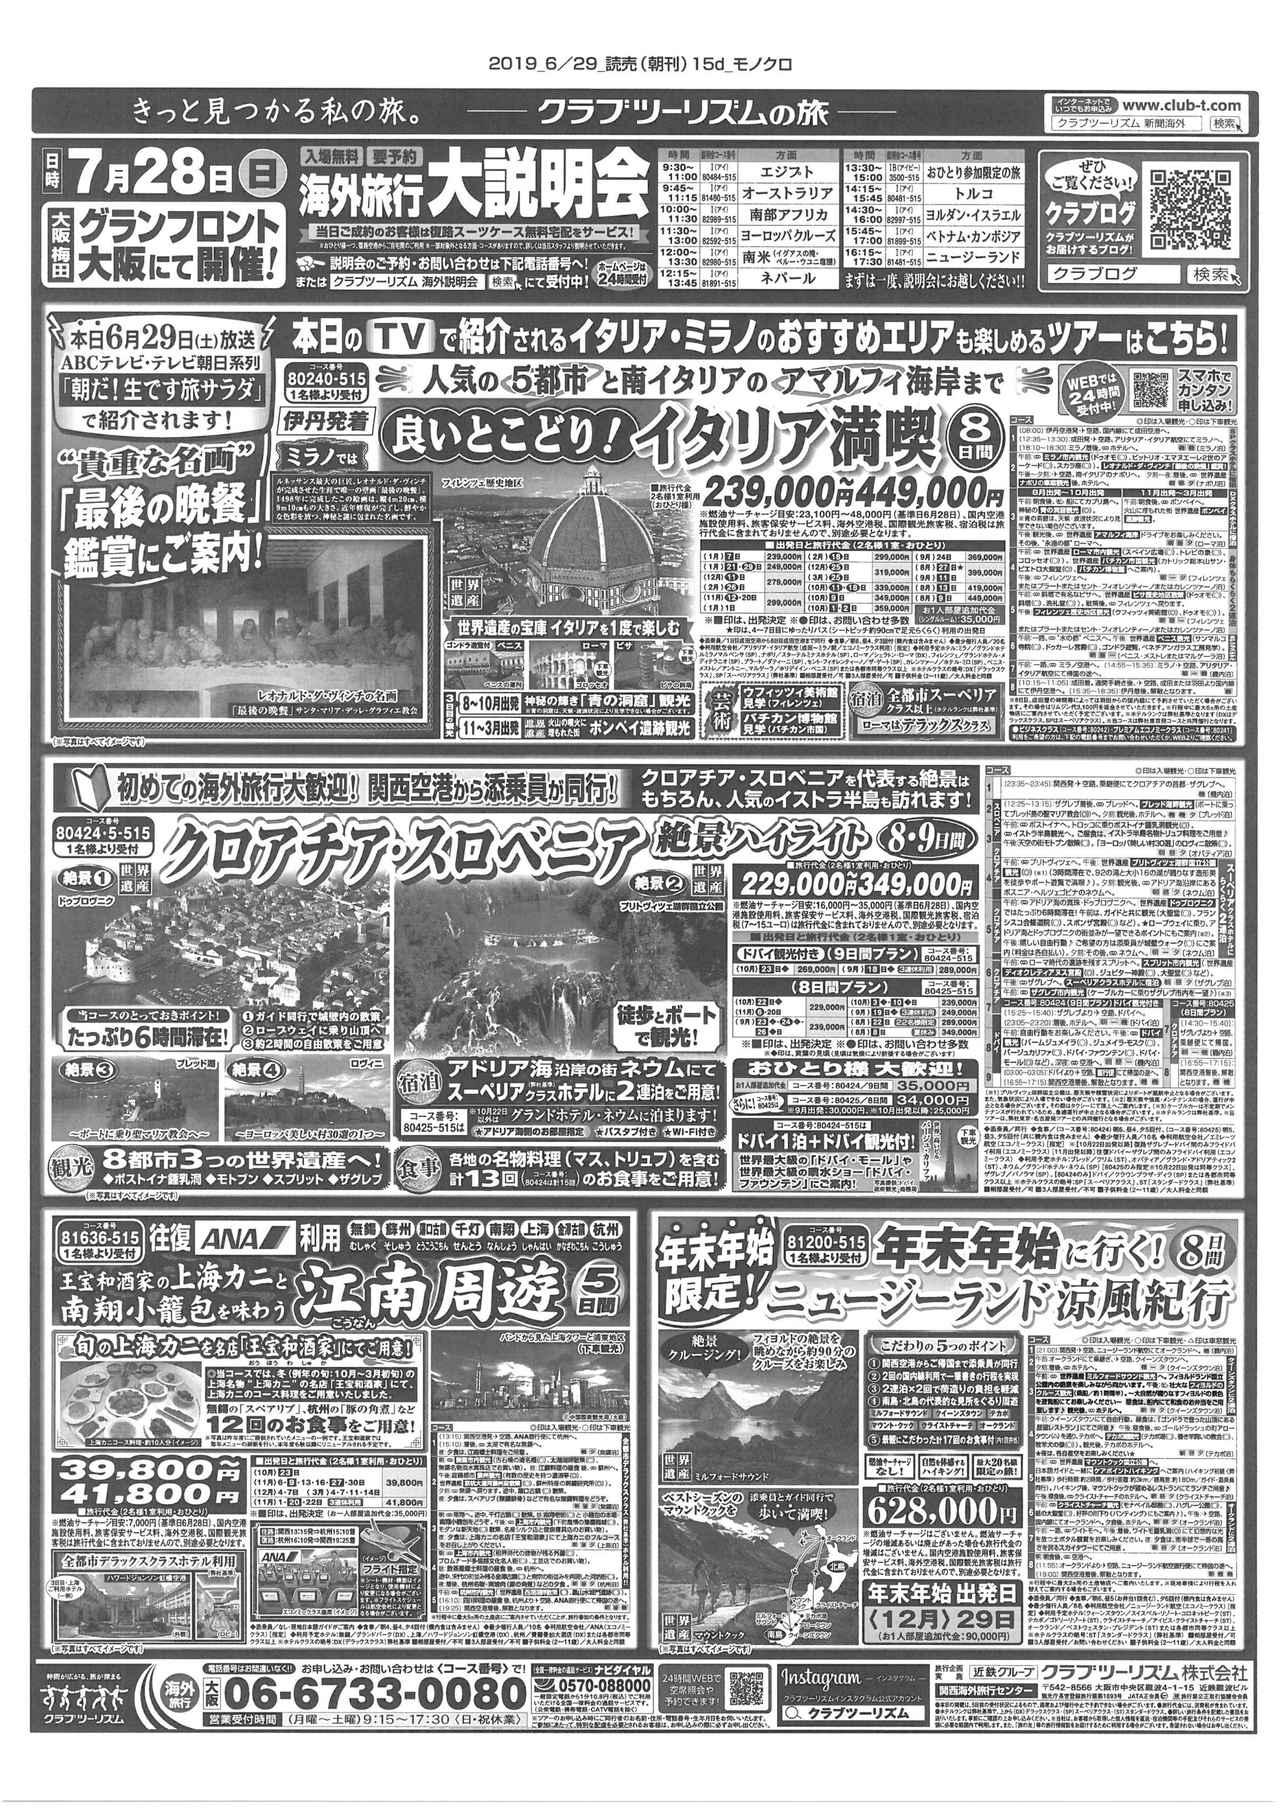 画像2: ウユニ塩湖ツアーを含む掲載新聞はこちらです